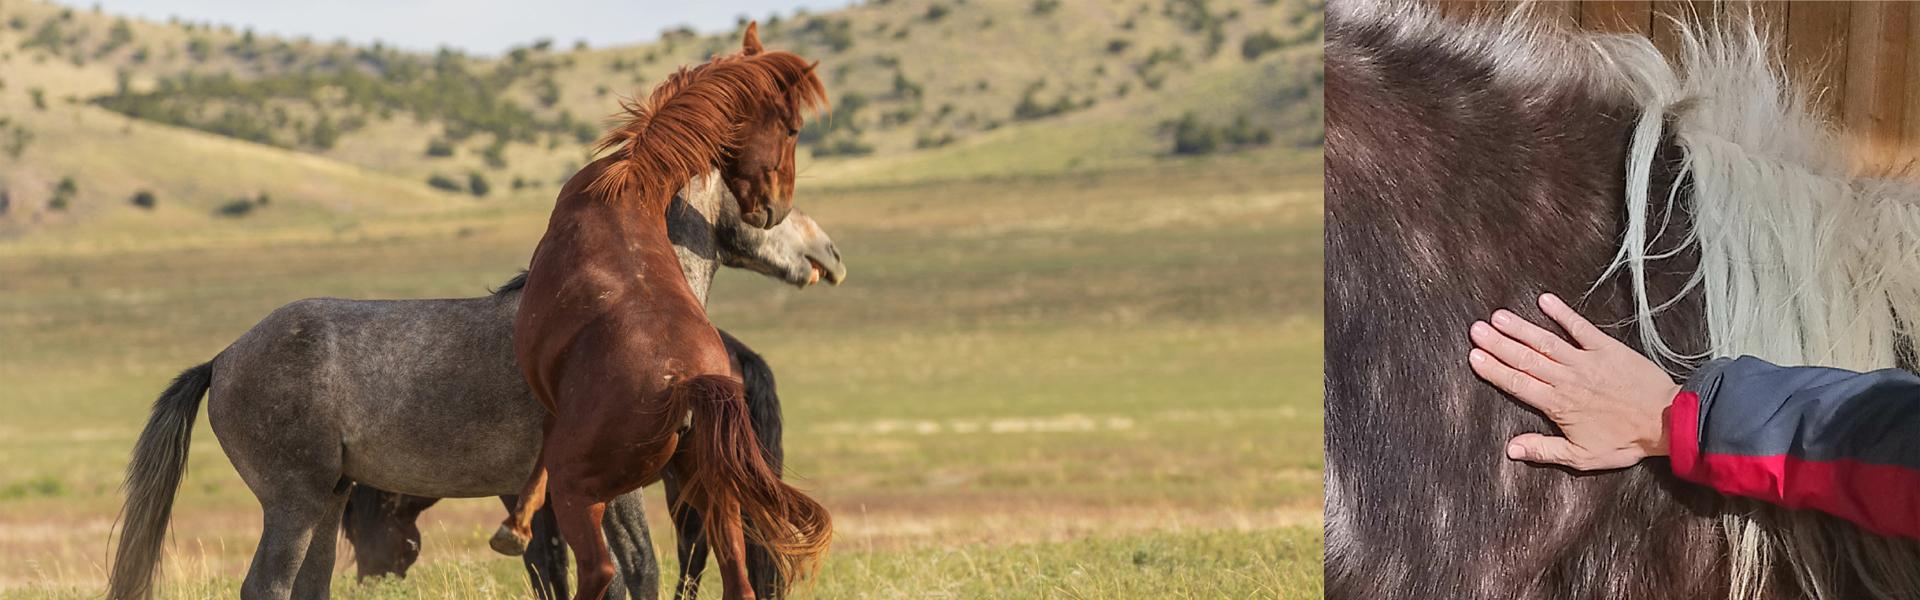 Heilpraxis für Pferde